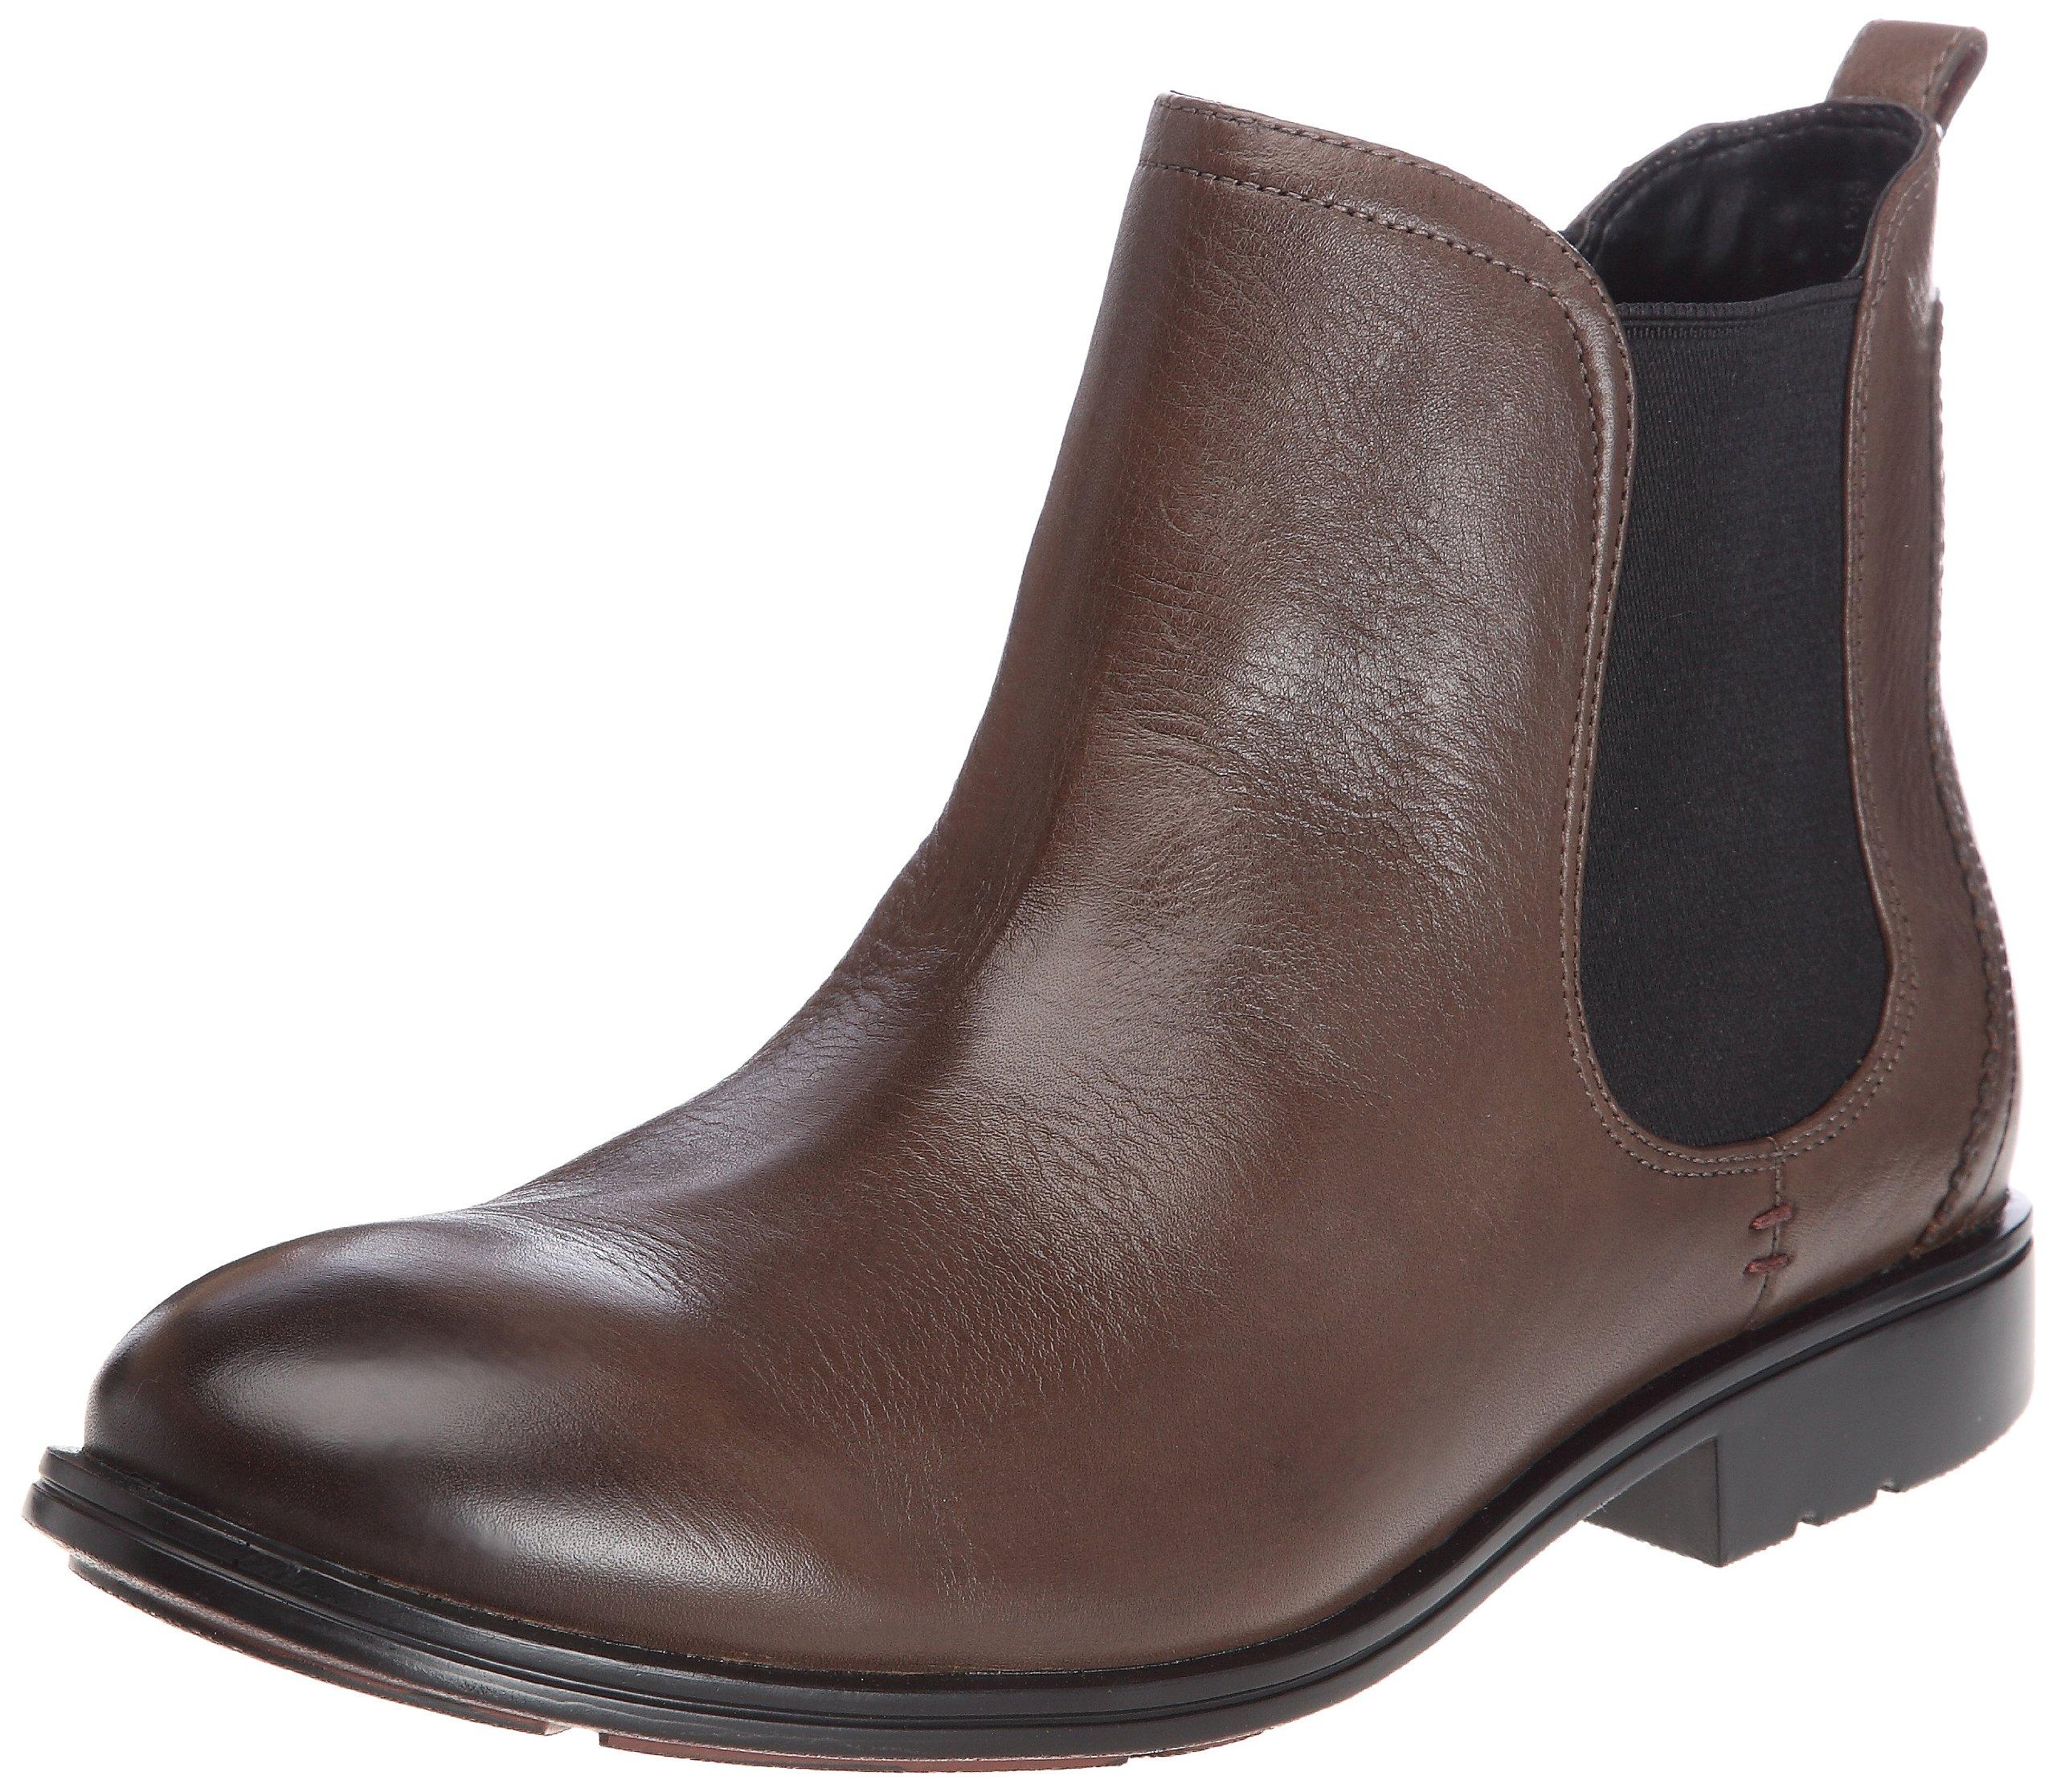 Rockport Men's Fairwood 2 Chelsea Boot